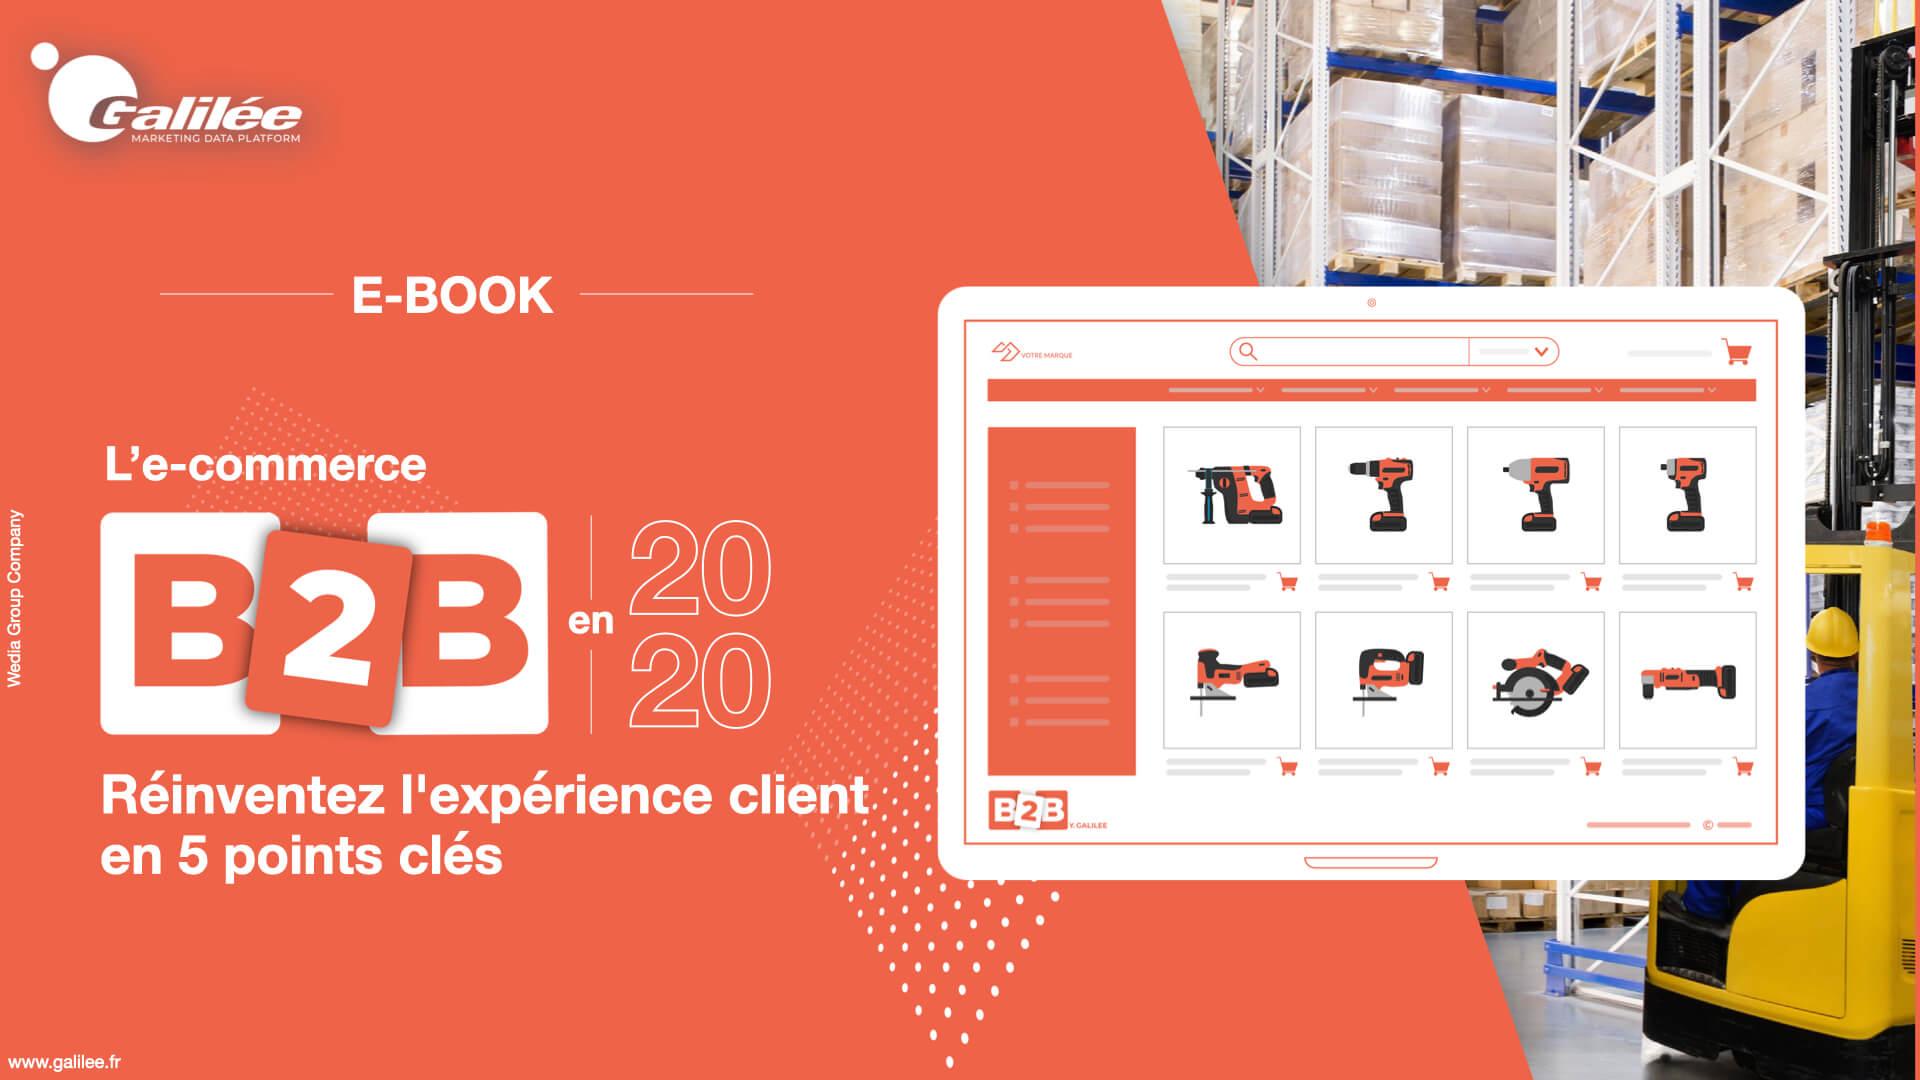 L'E-Commerce B2B en 2020 : optimisez l'expérience client